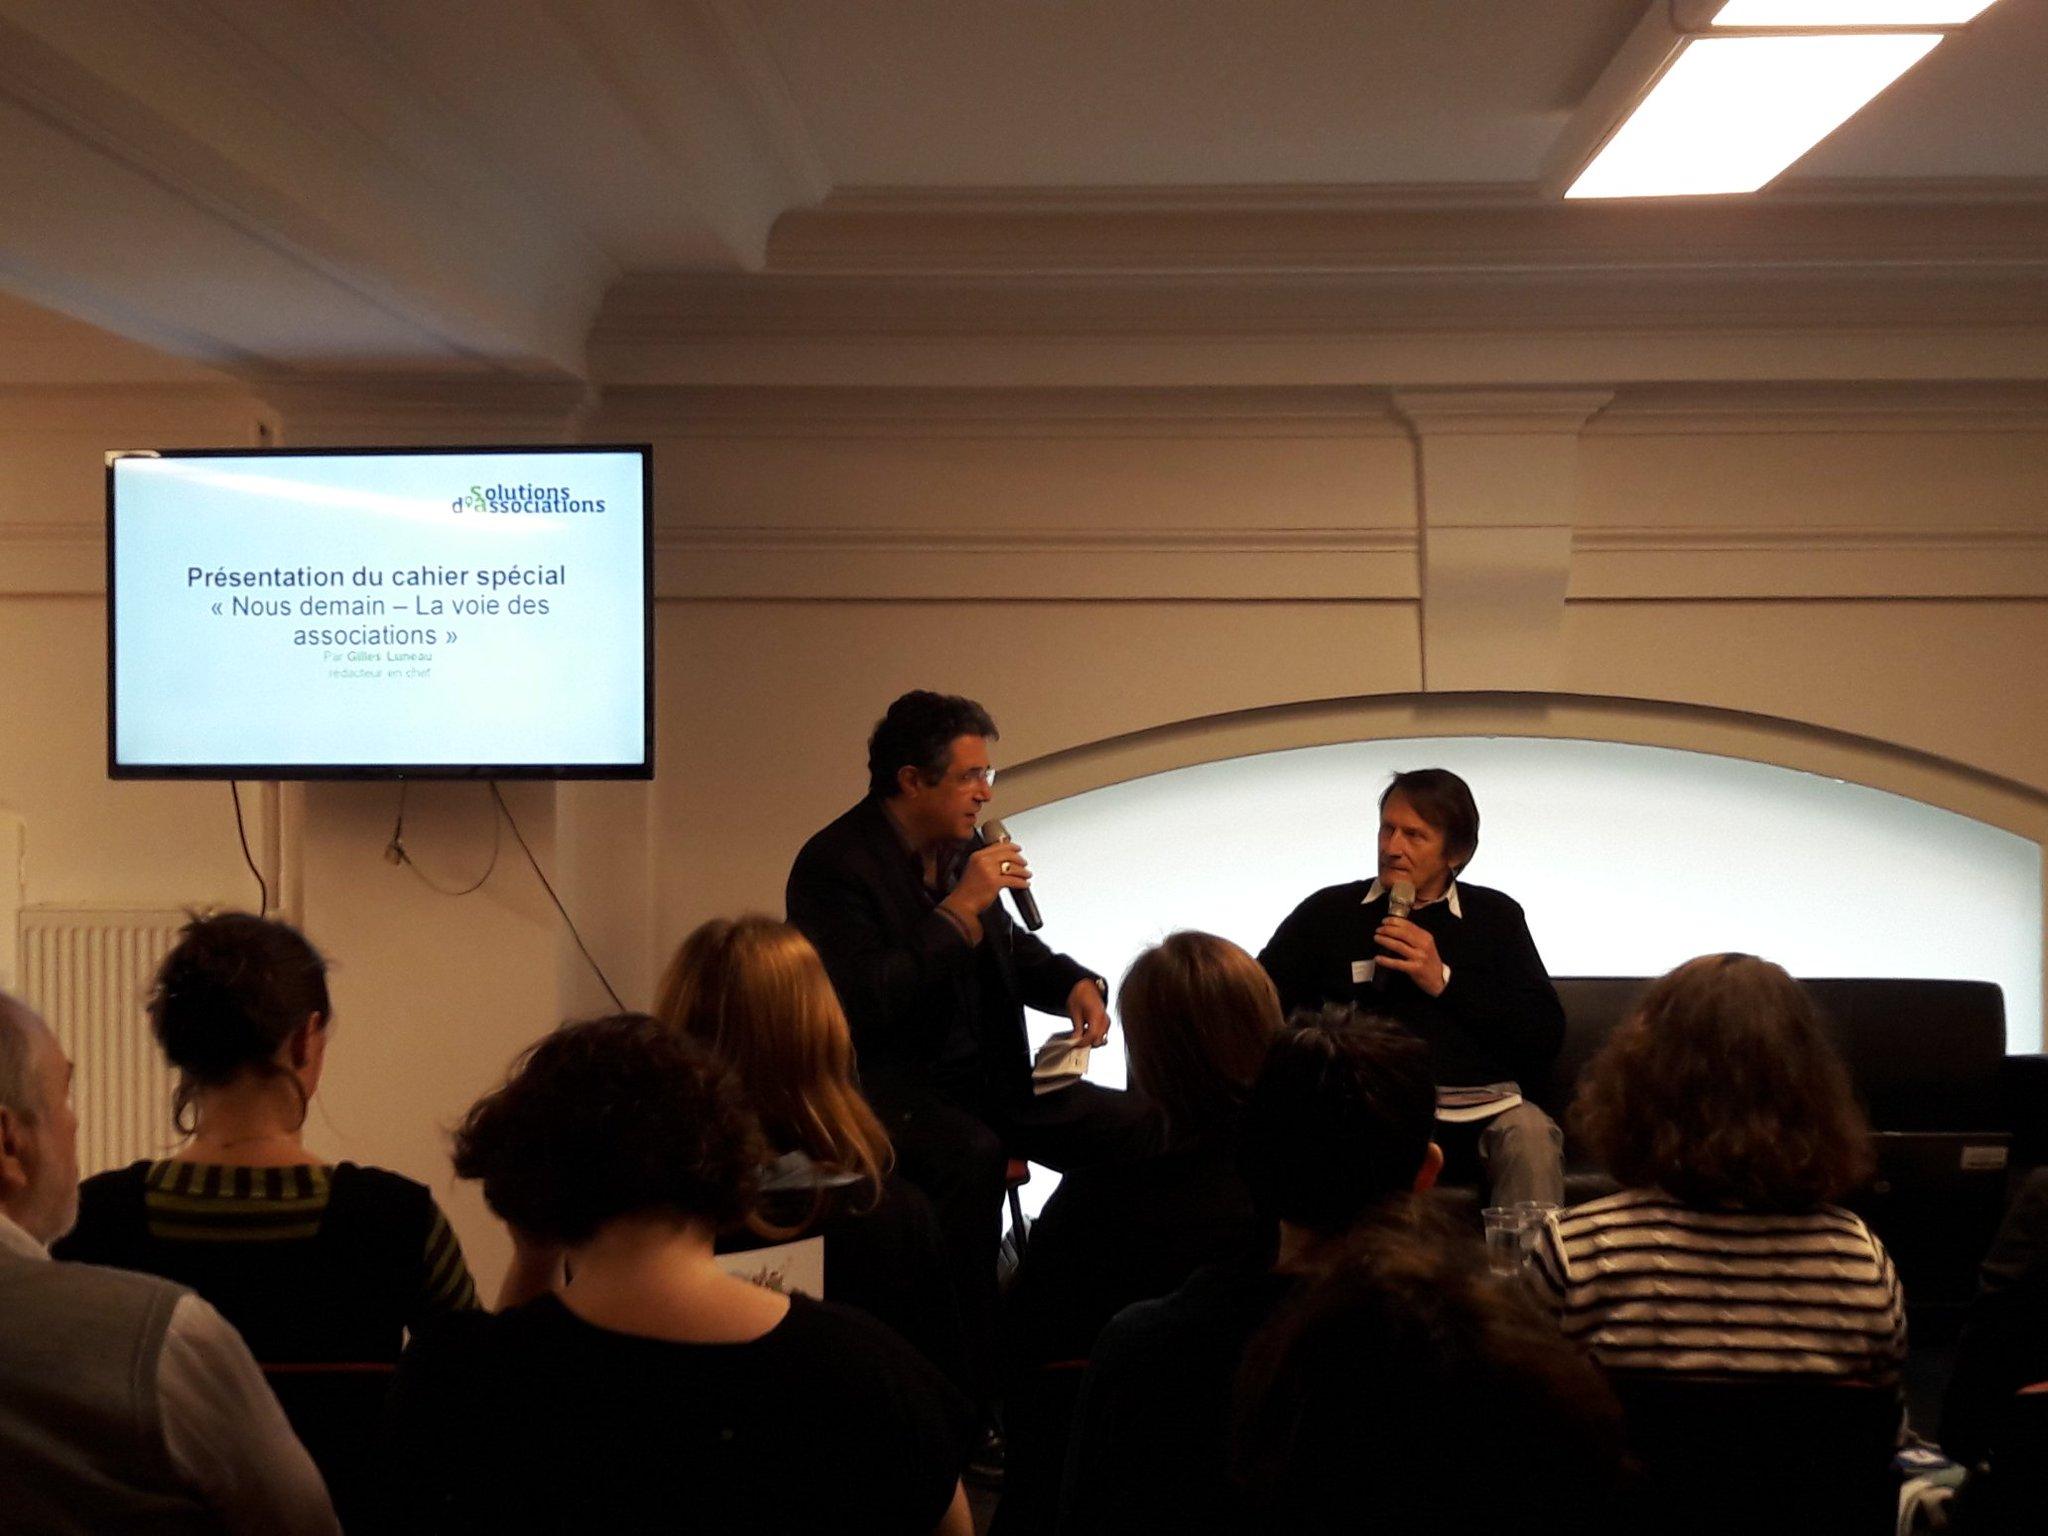 @GillesLuneau présente le supplément a la revue @wedemain dédiée à des #SolutionsdAssociations https://t.co/sm2VJgWjc7